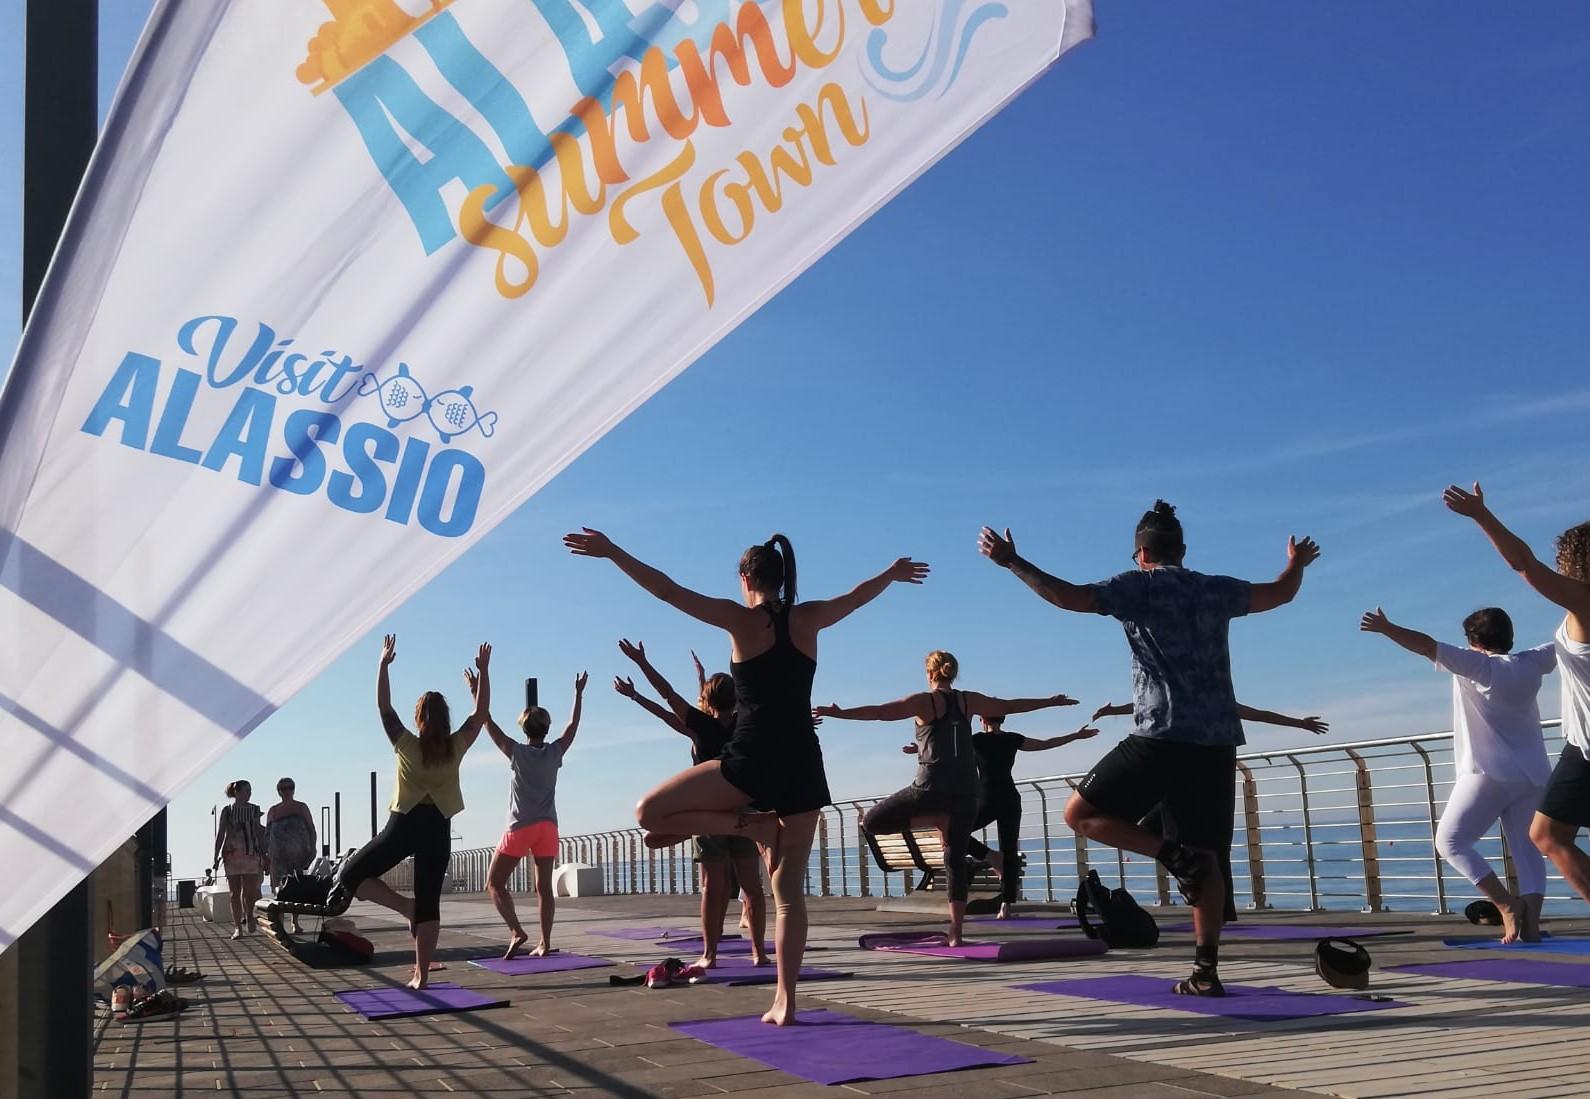 1_essere-free-yoga-gratuito-benessere-per-tutti-village-citta-alassio-estate-lucia-ragazzi-summer-town-wellness-071